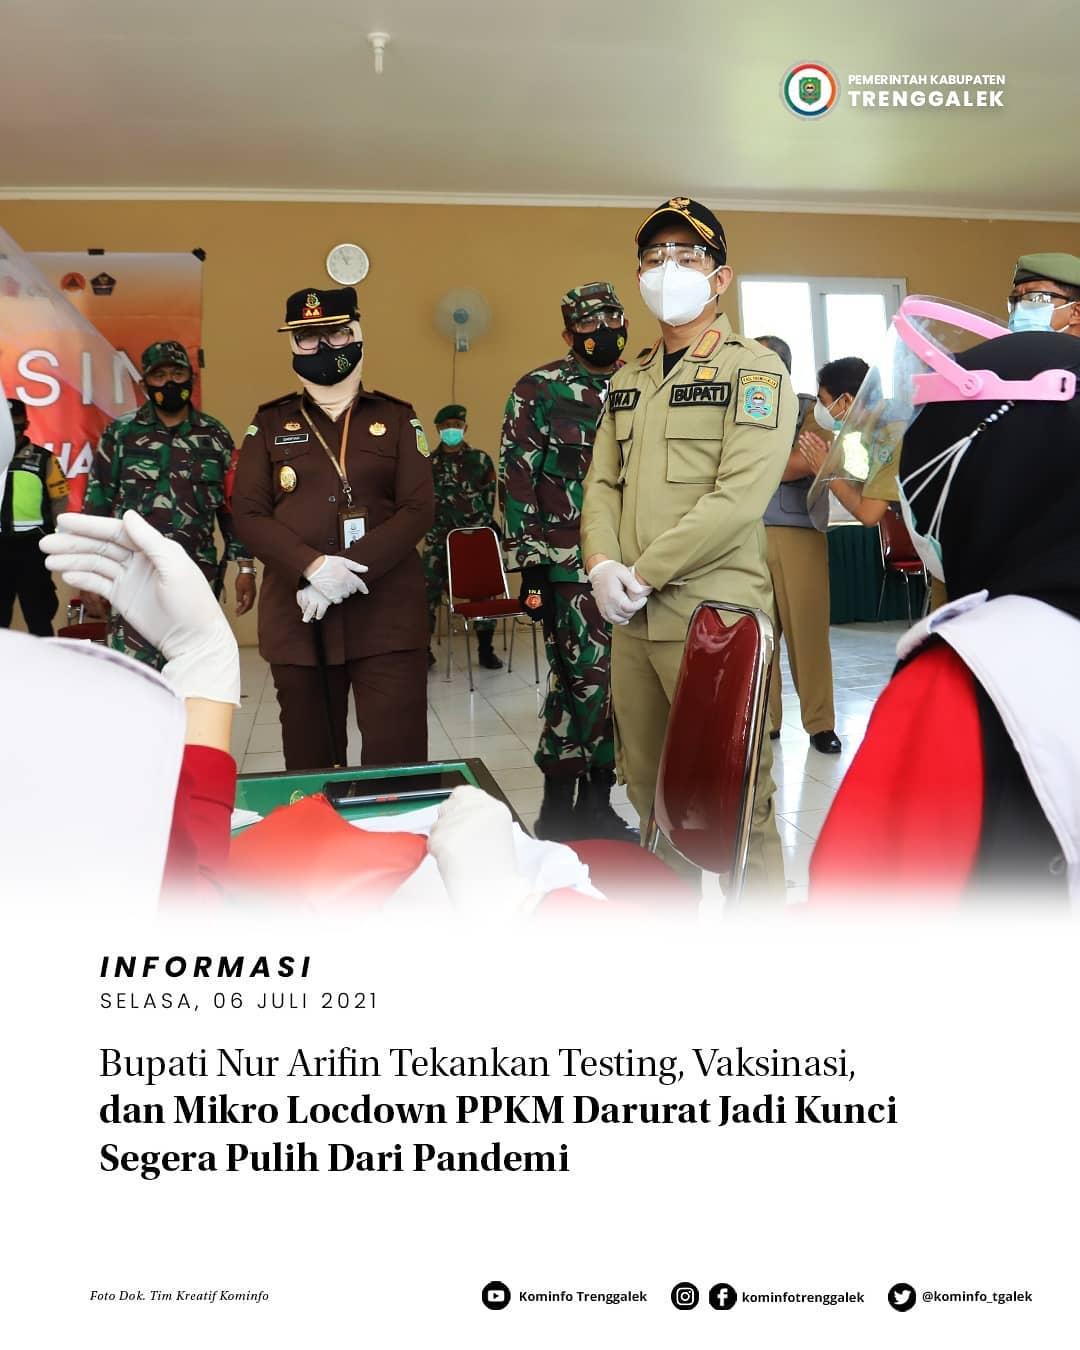 Bupati Nur Arifin Tekankan Testing, Vaksinasi, dan Micro Locdown PPKM Darurat Jadi Kunci Segera Pulih Dari Pandemi